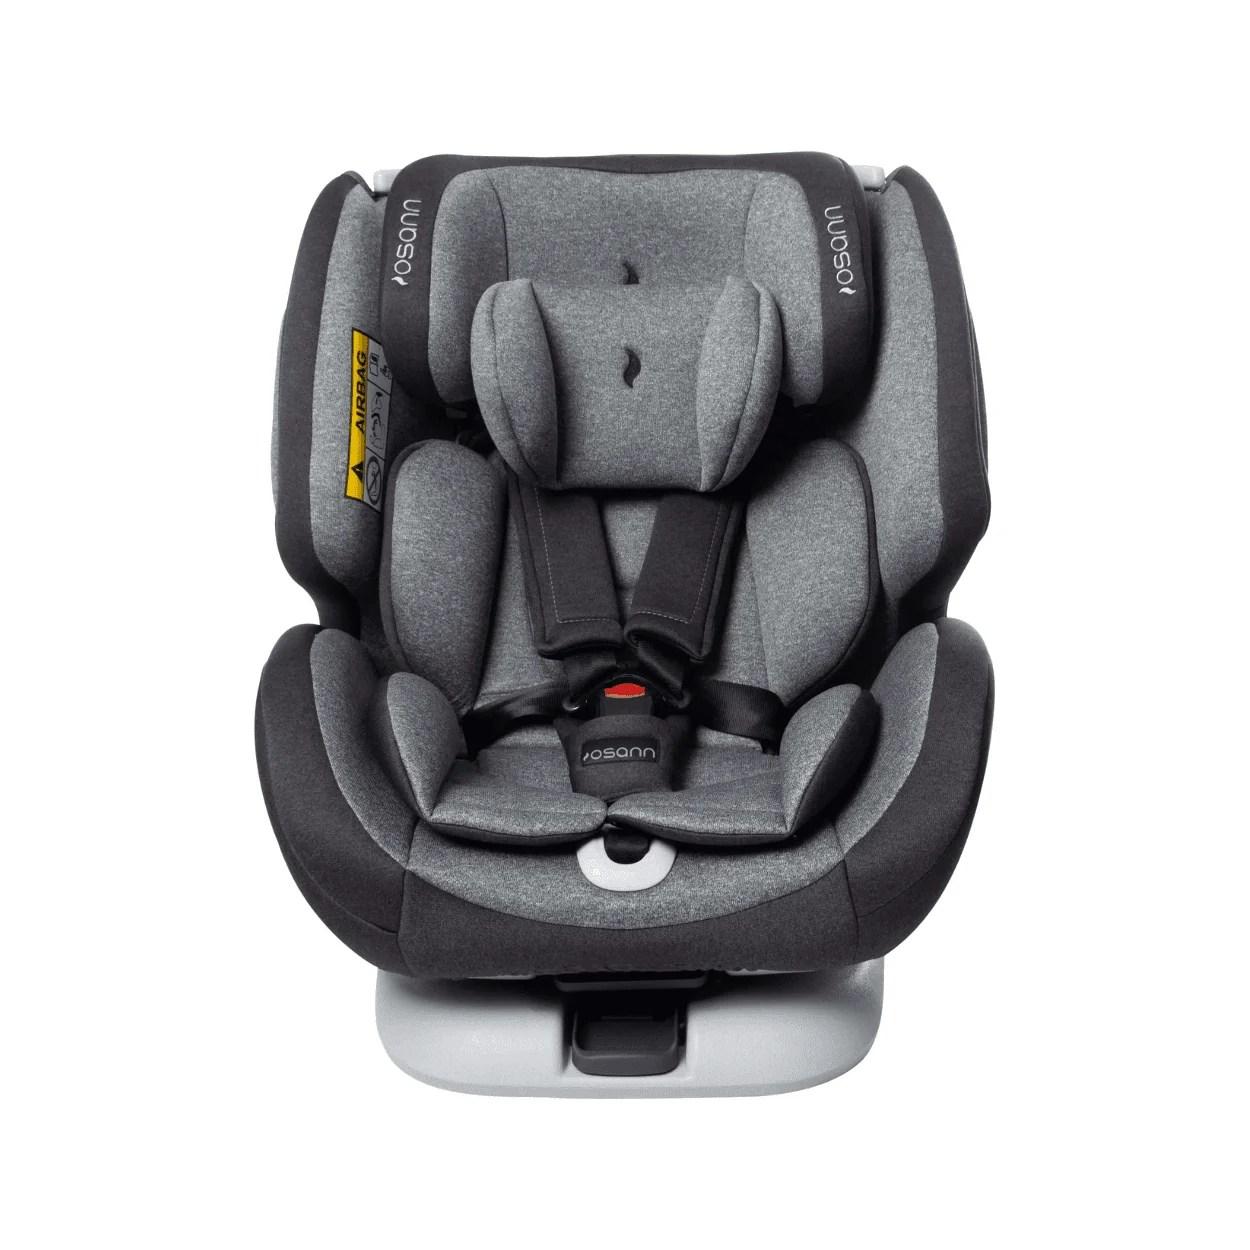 Silla coche beb One con isofix retrctil  grupo 0123